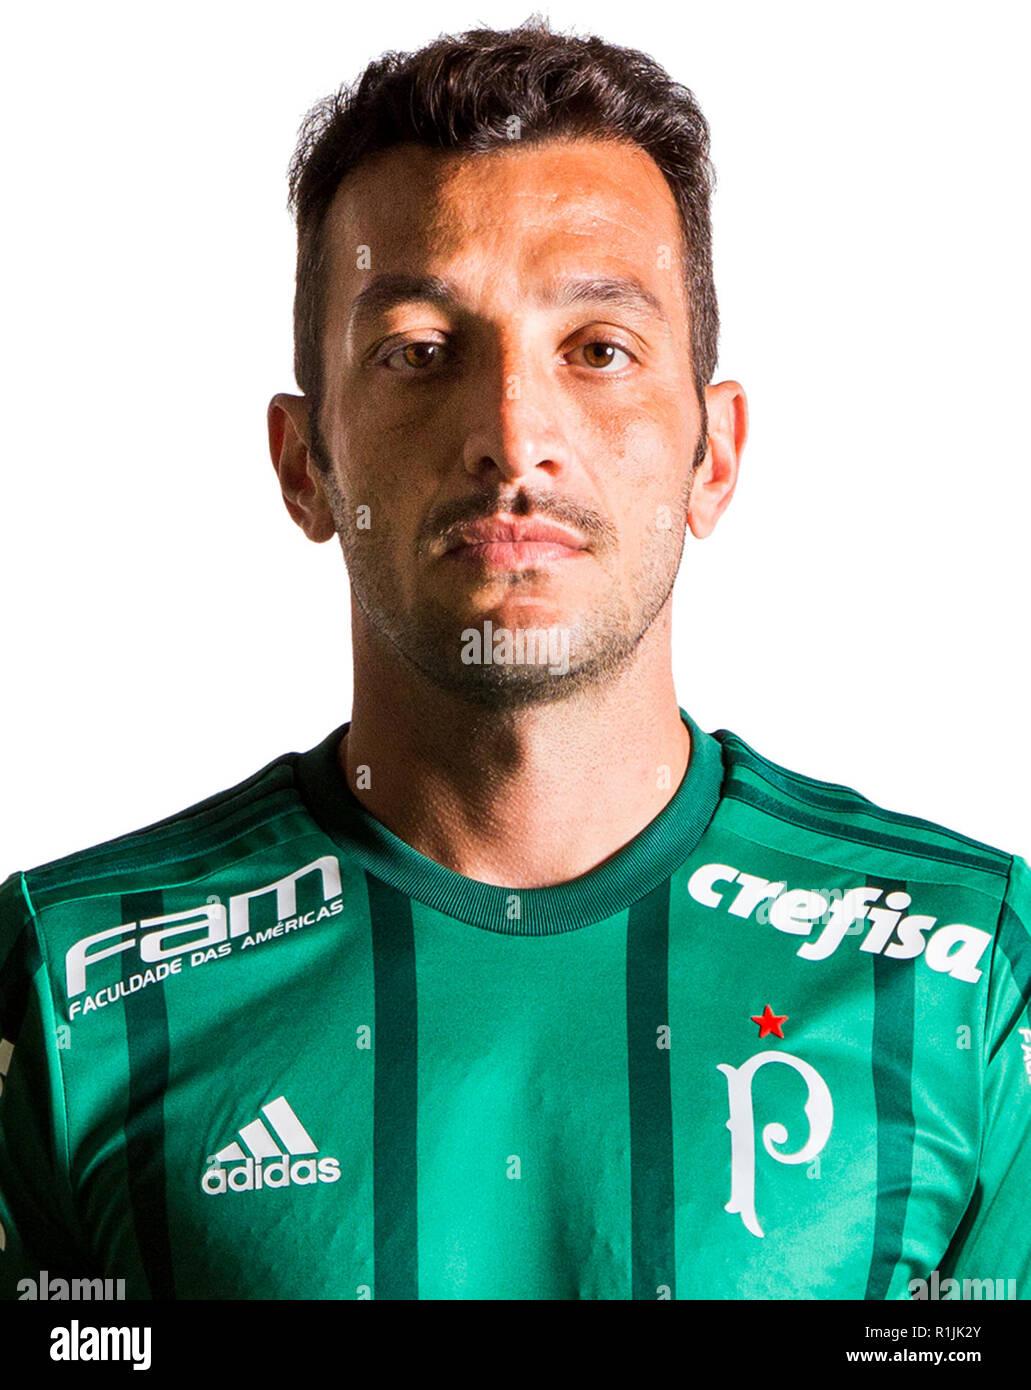 La Liga brasileña de fútbol Serie A 2018   ( Sociedade Esportiva Palmeiras  ) - Eduardo Luis Abonizio de Souza   Edu Dracena   ea1e80a5588c9